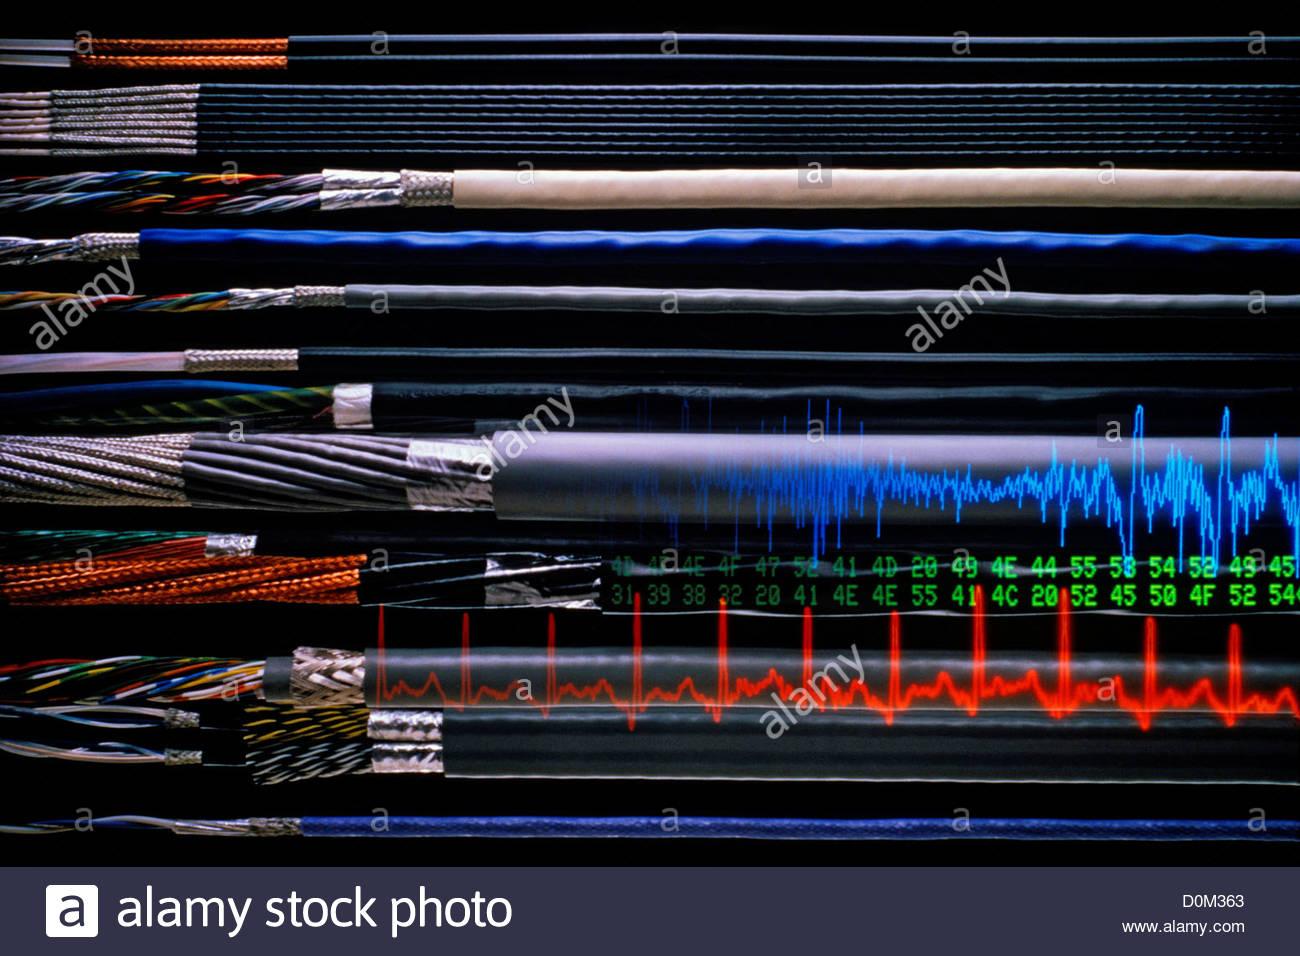 Abgeschirmte elektronische Kabel und Signal-Grafiken Stockbild